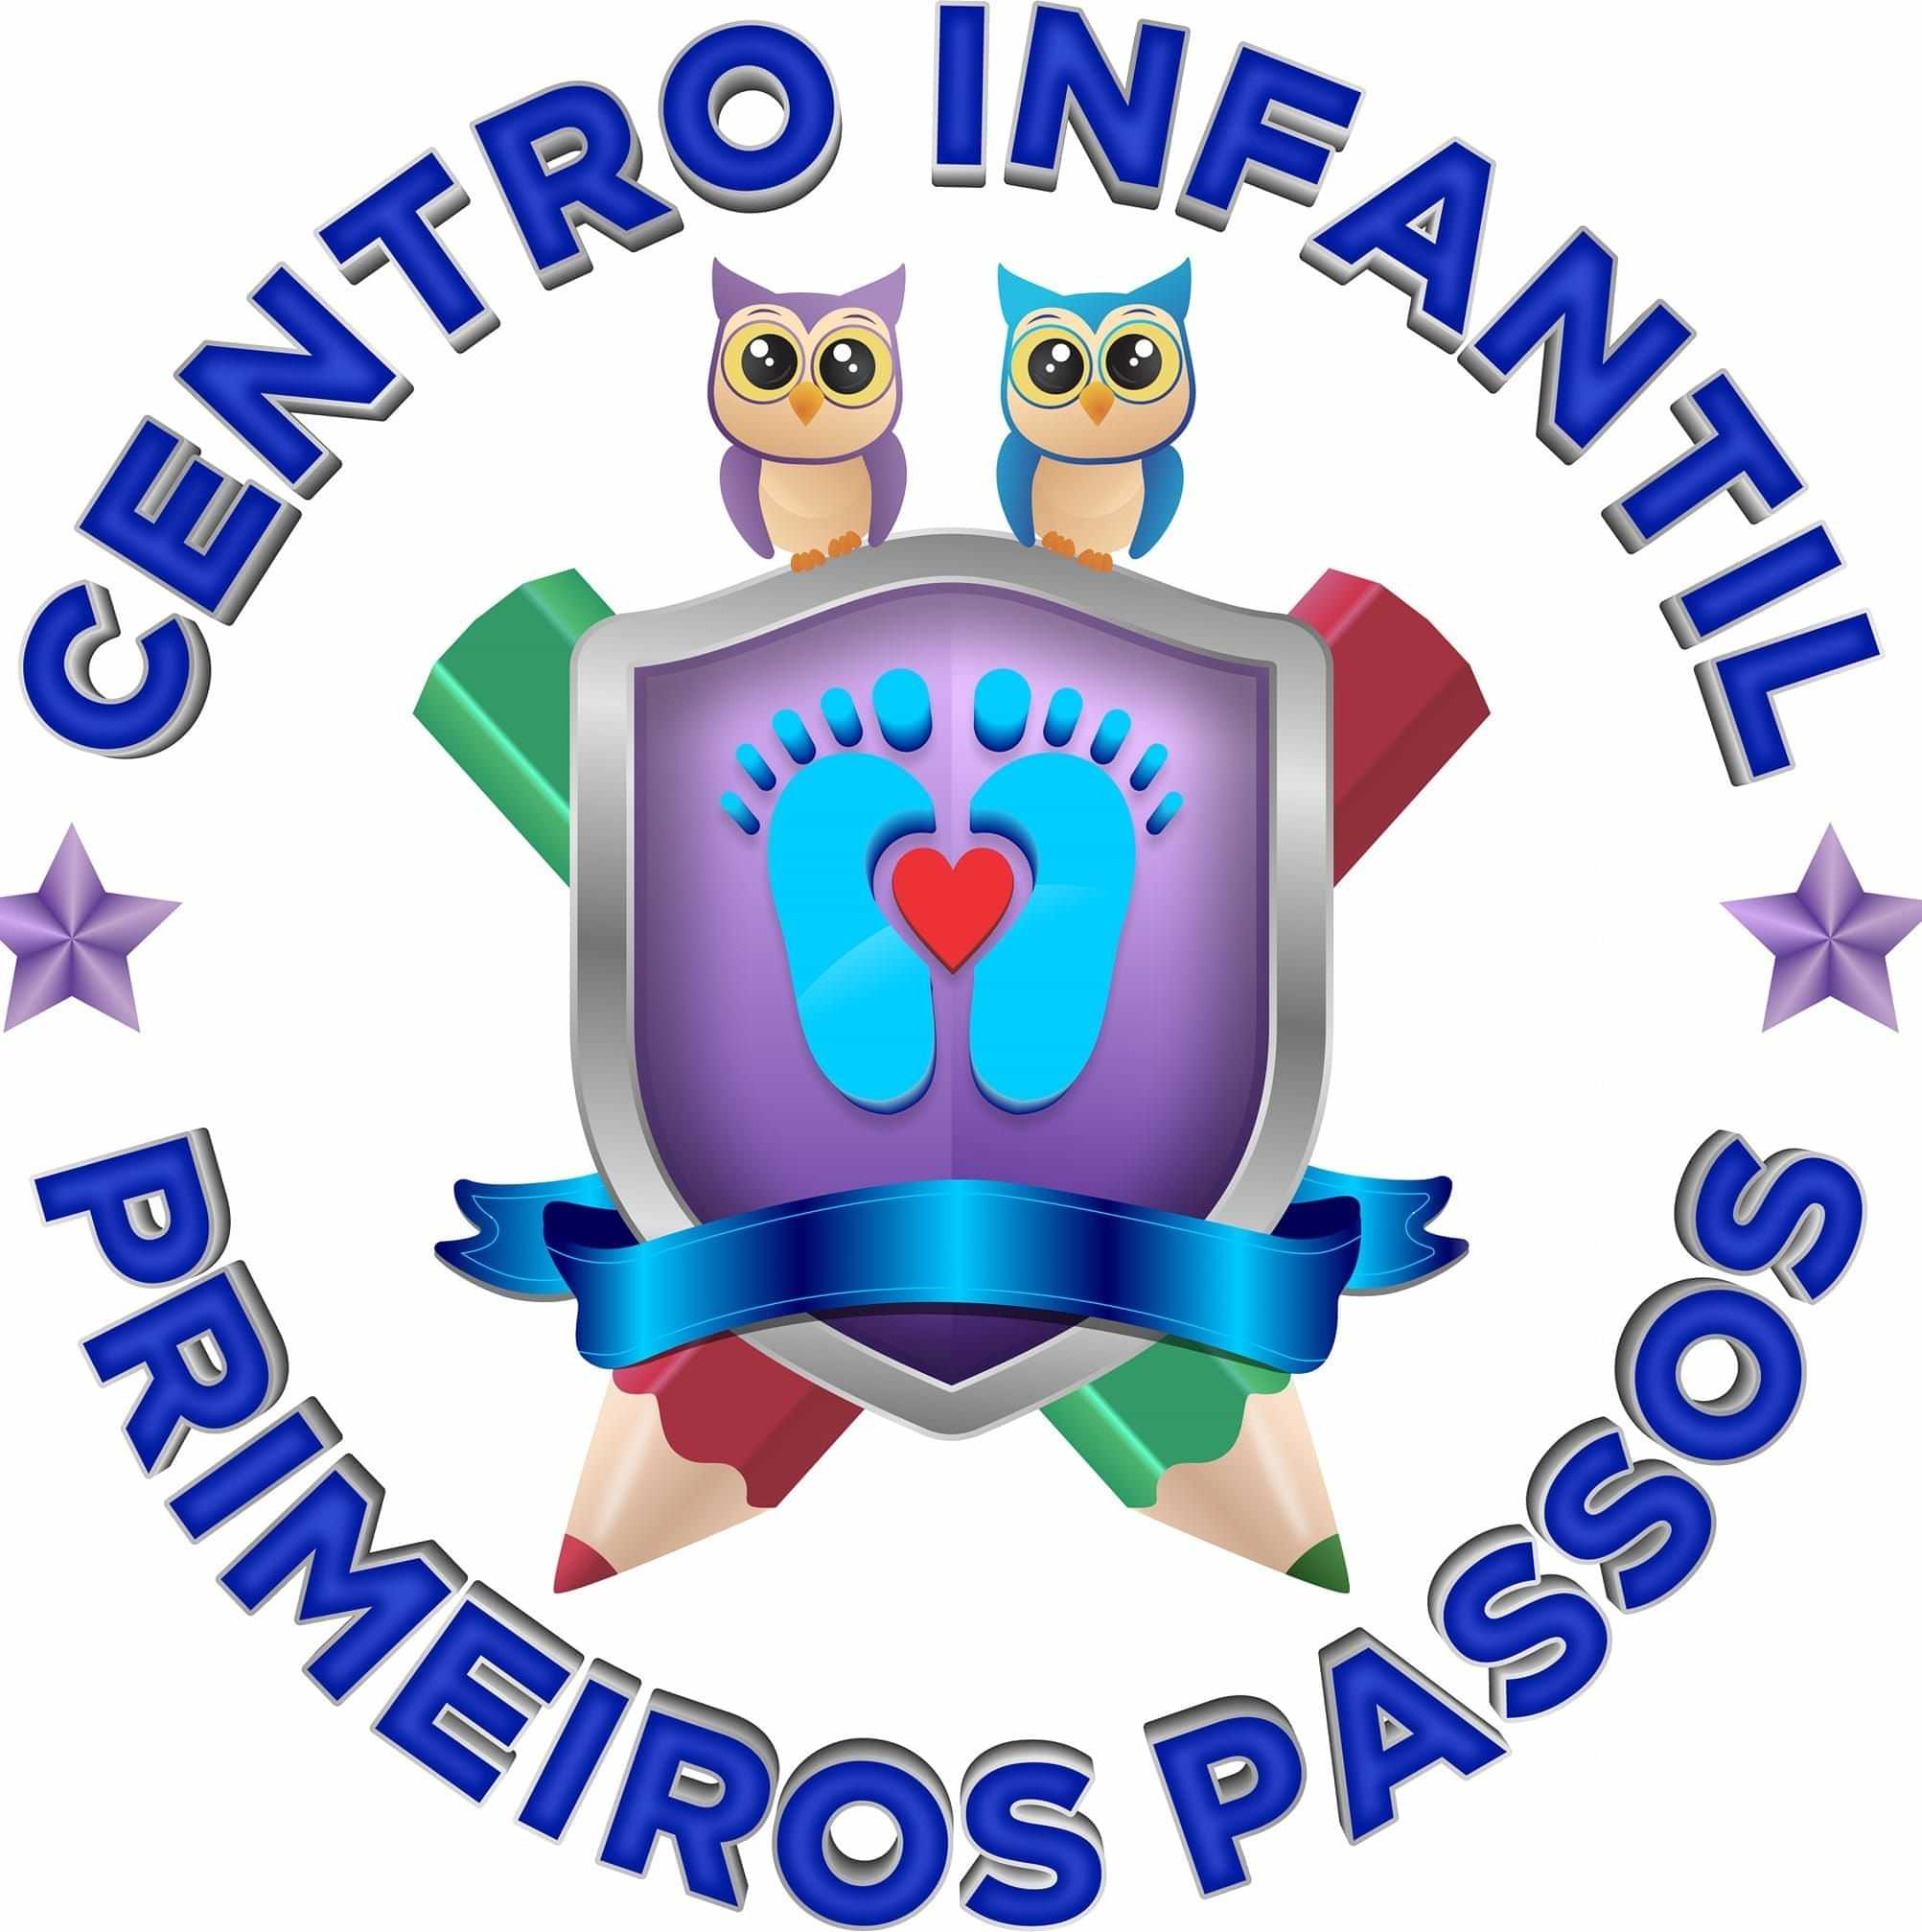 Centro Infantil Primeiros Passos